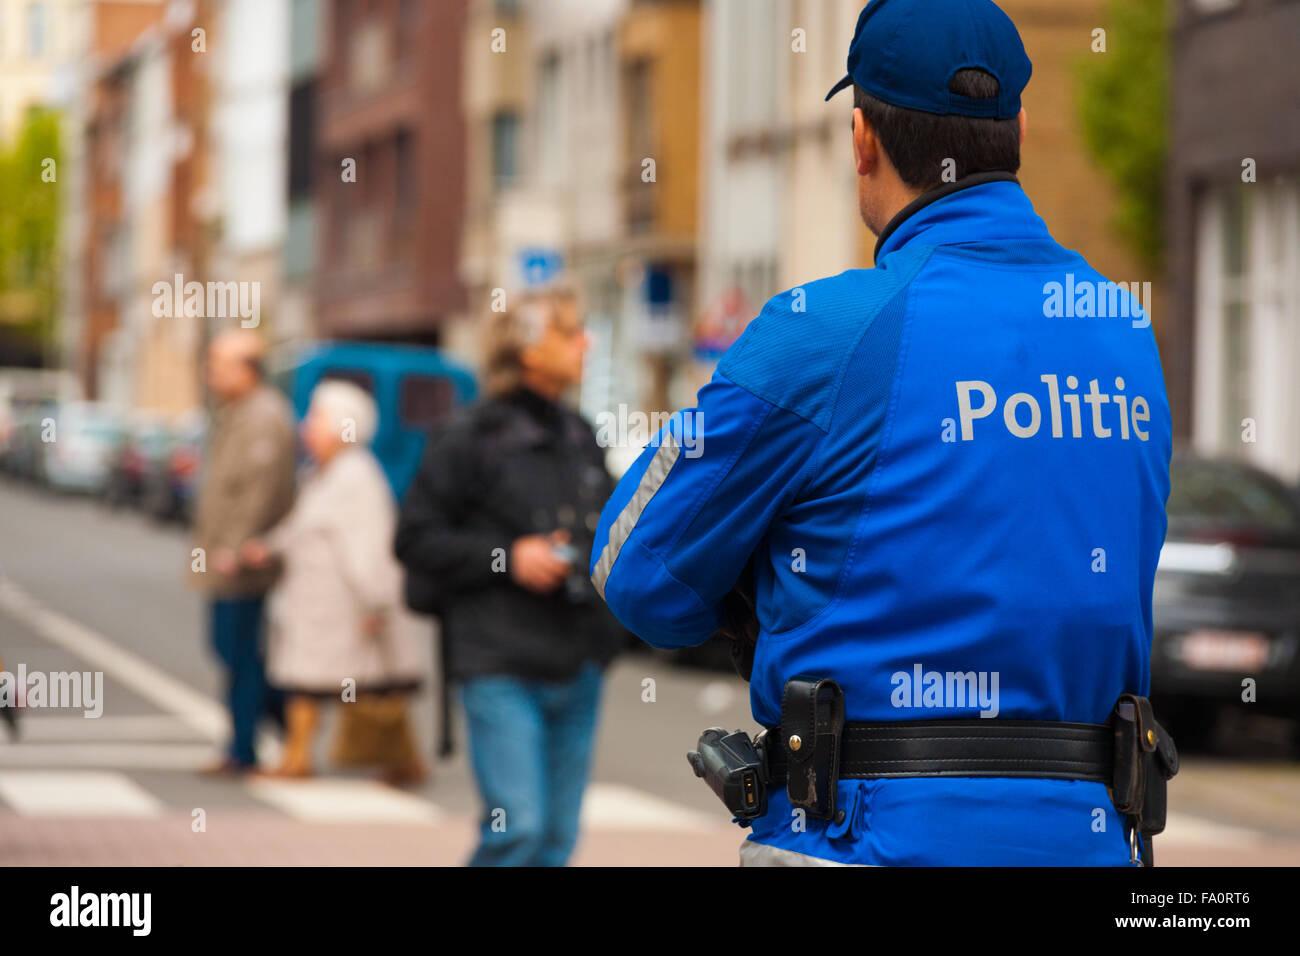 La parte trasera de la policía en Flandes Politie chaqueta